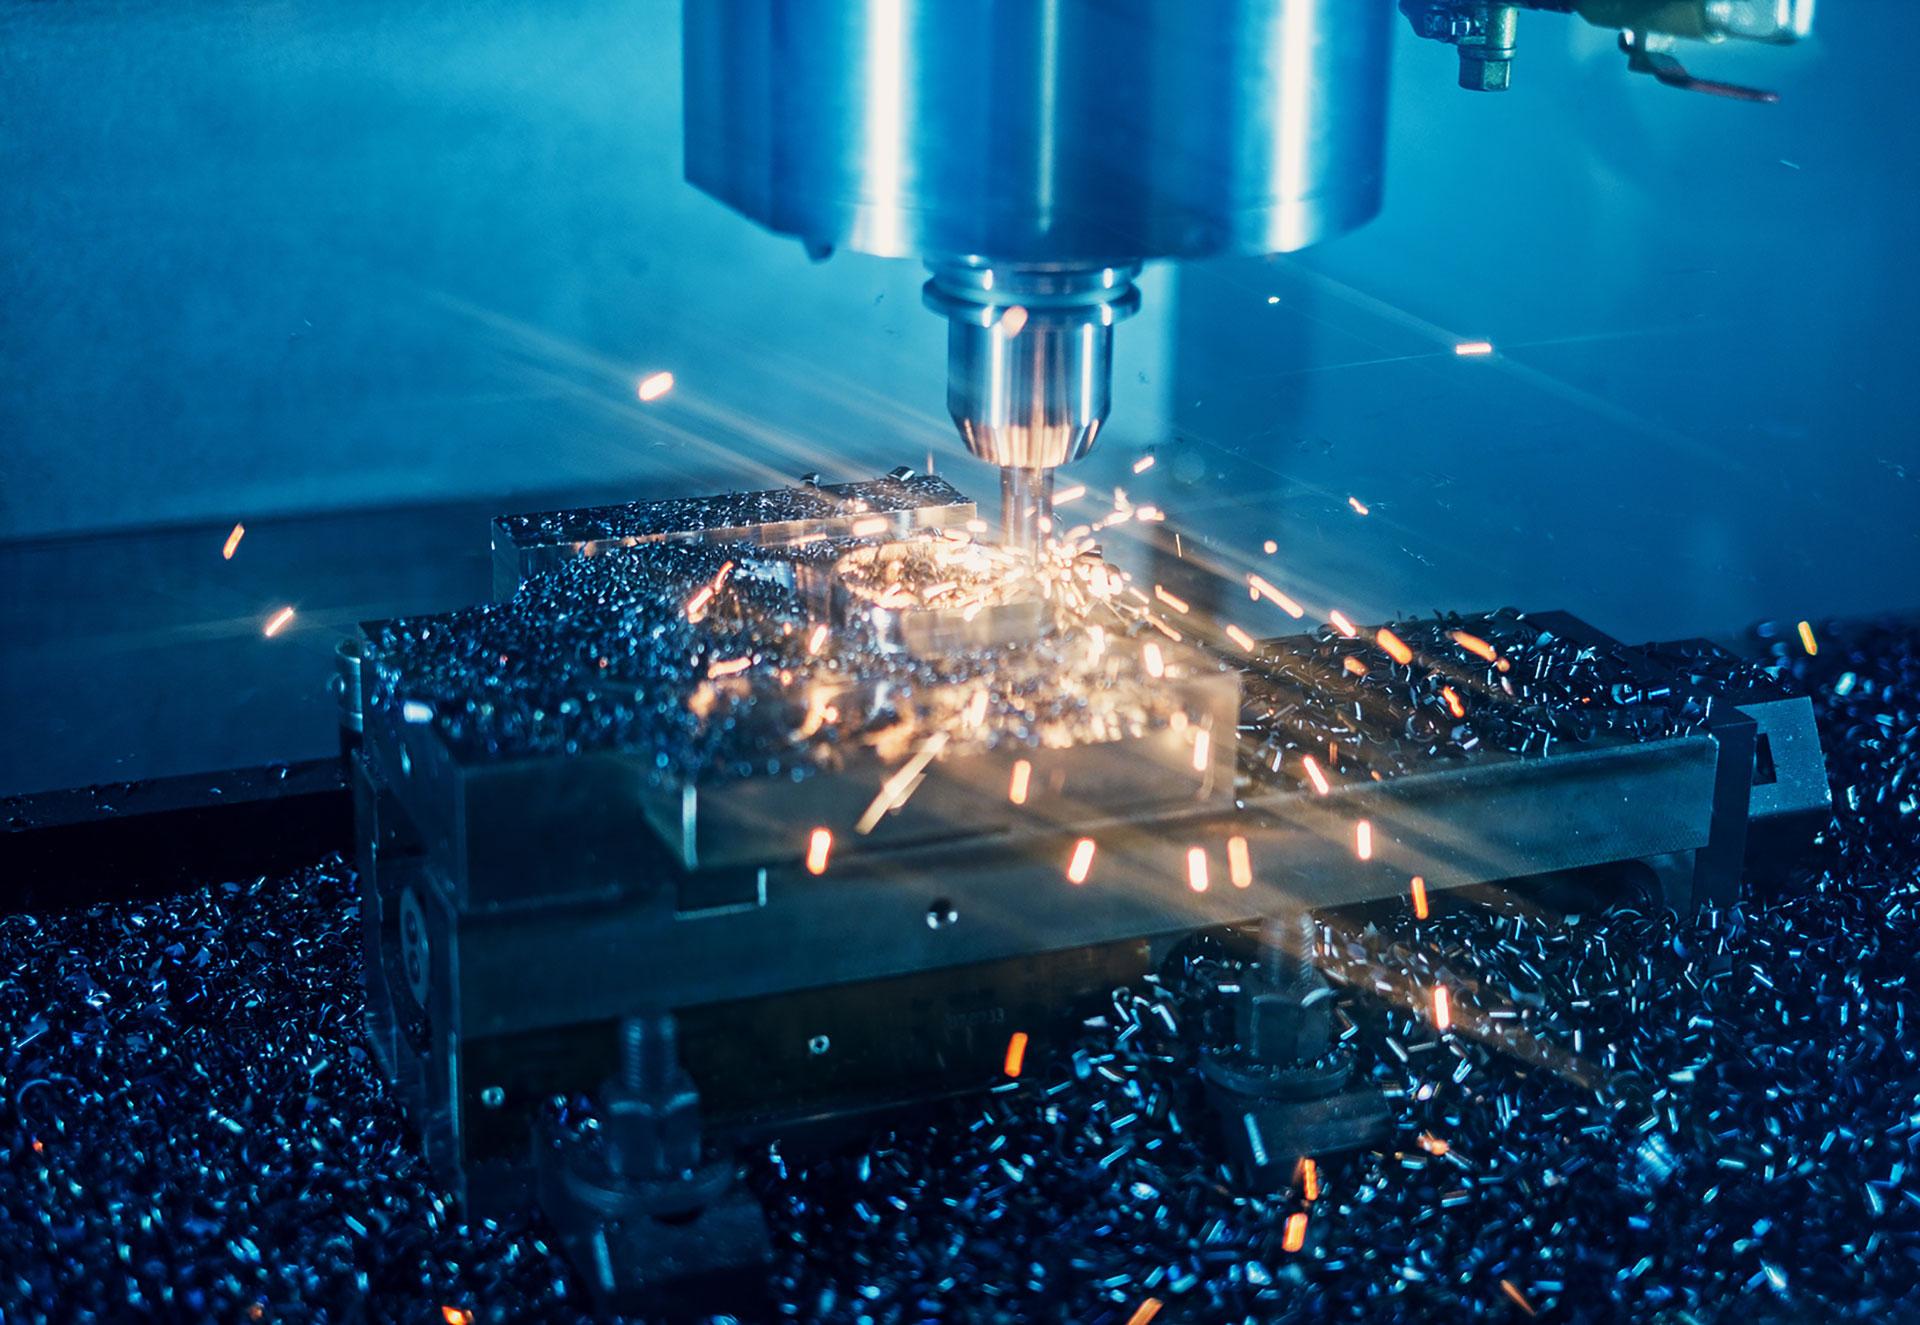 Traupmann CNC